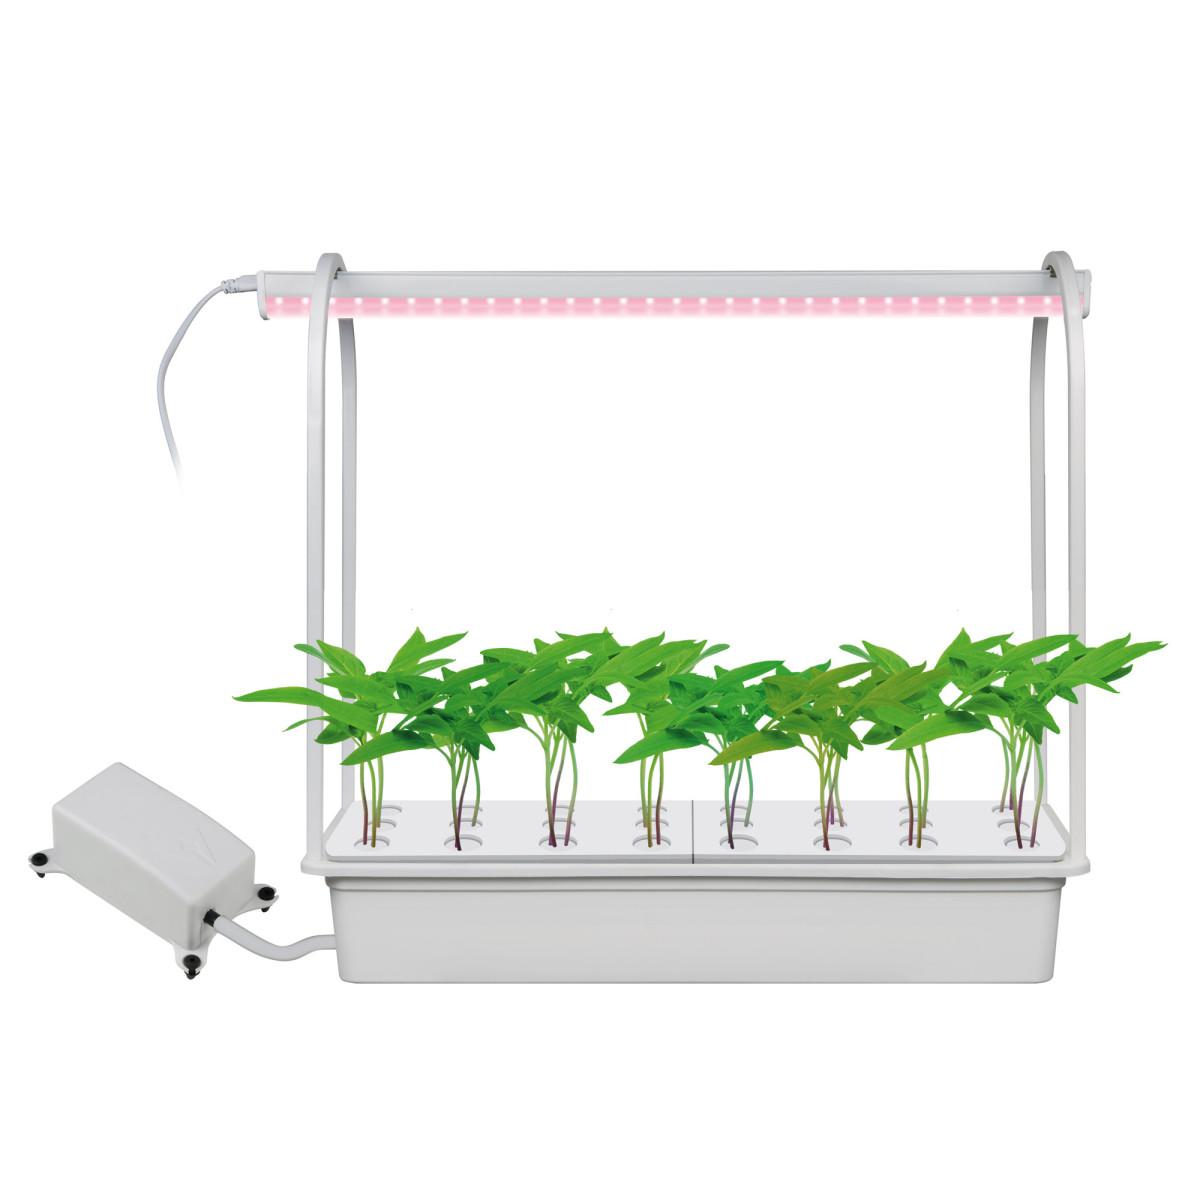 Набор светильников светодиодных для растений Uniel 540 мм 10 Вт нейтральный белый свет цвет белый